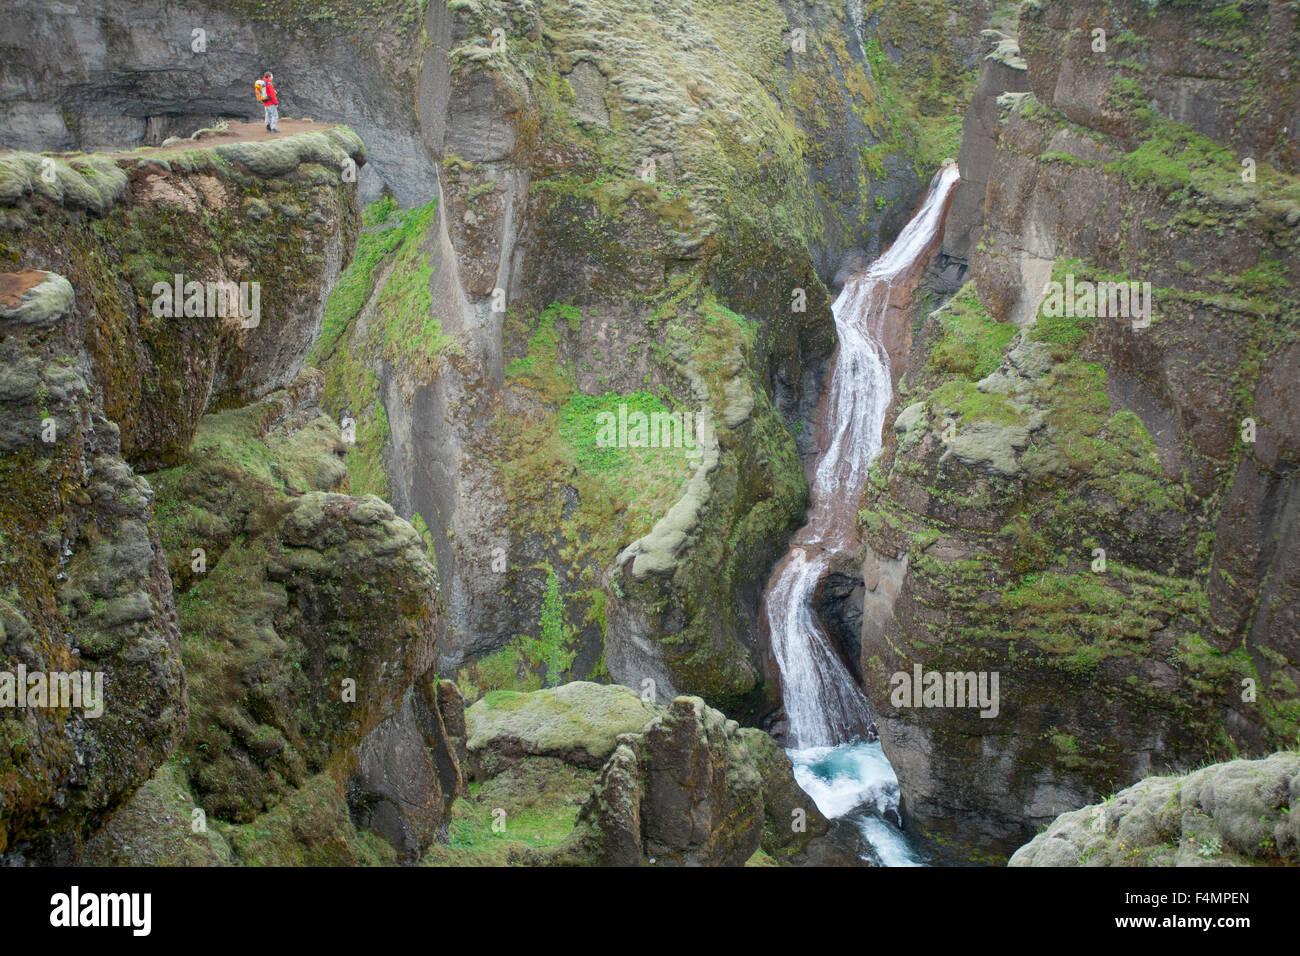 Persona sopraffatte da una cascata nel Canyon Fjadrargljufur, Sudhurland, Islanda. Immagini Stock